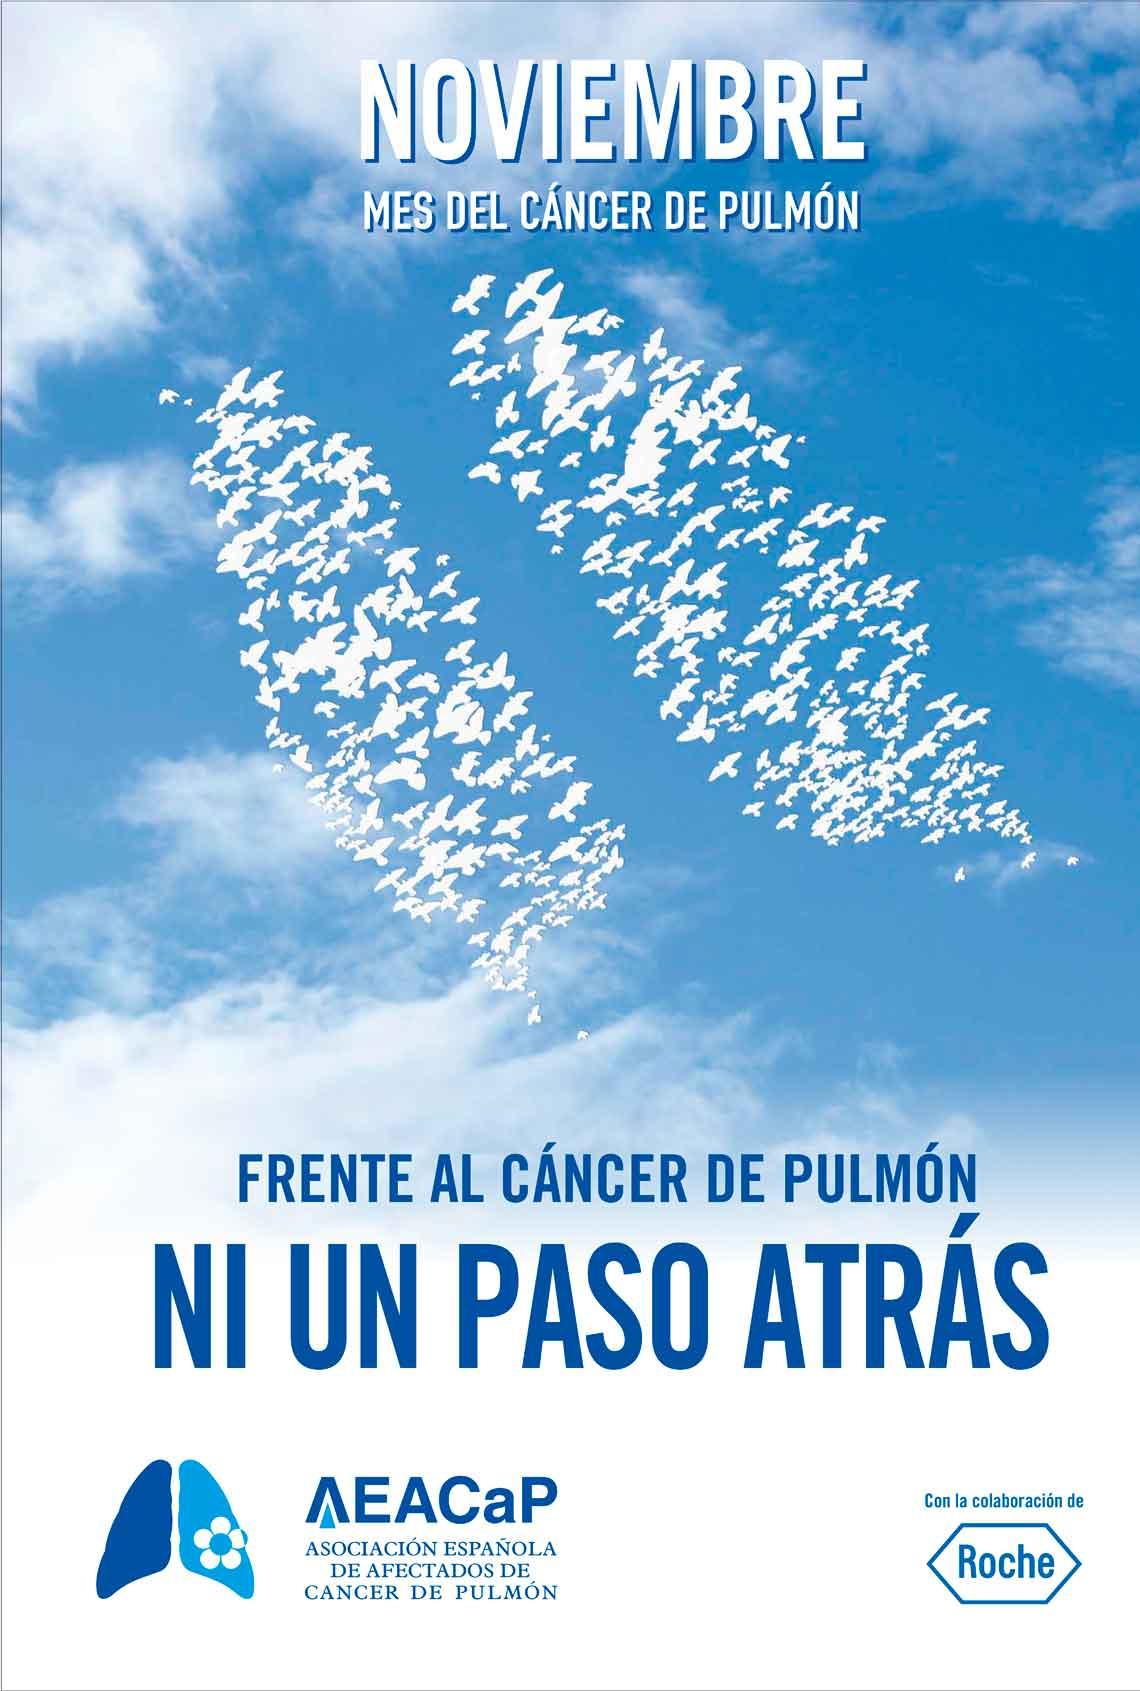 Frente al cáncer de pulmón, ni un paso atrás